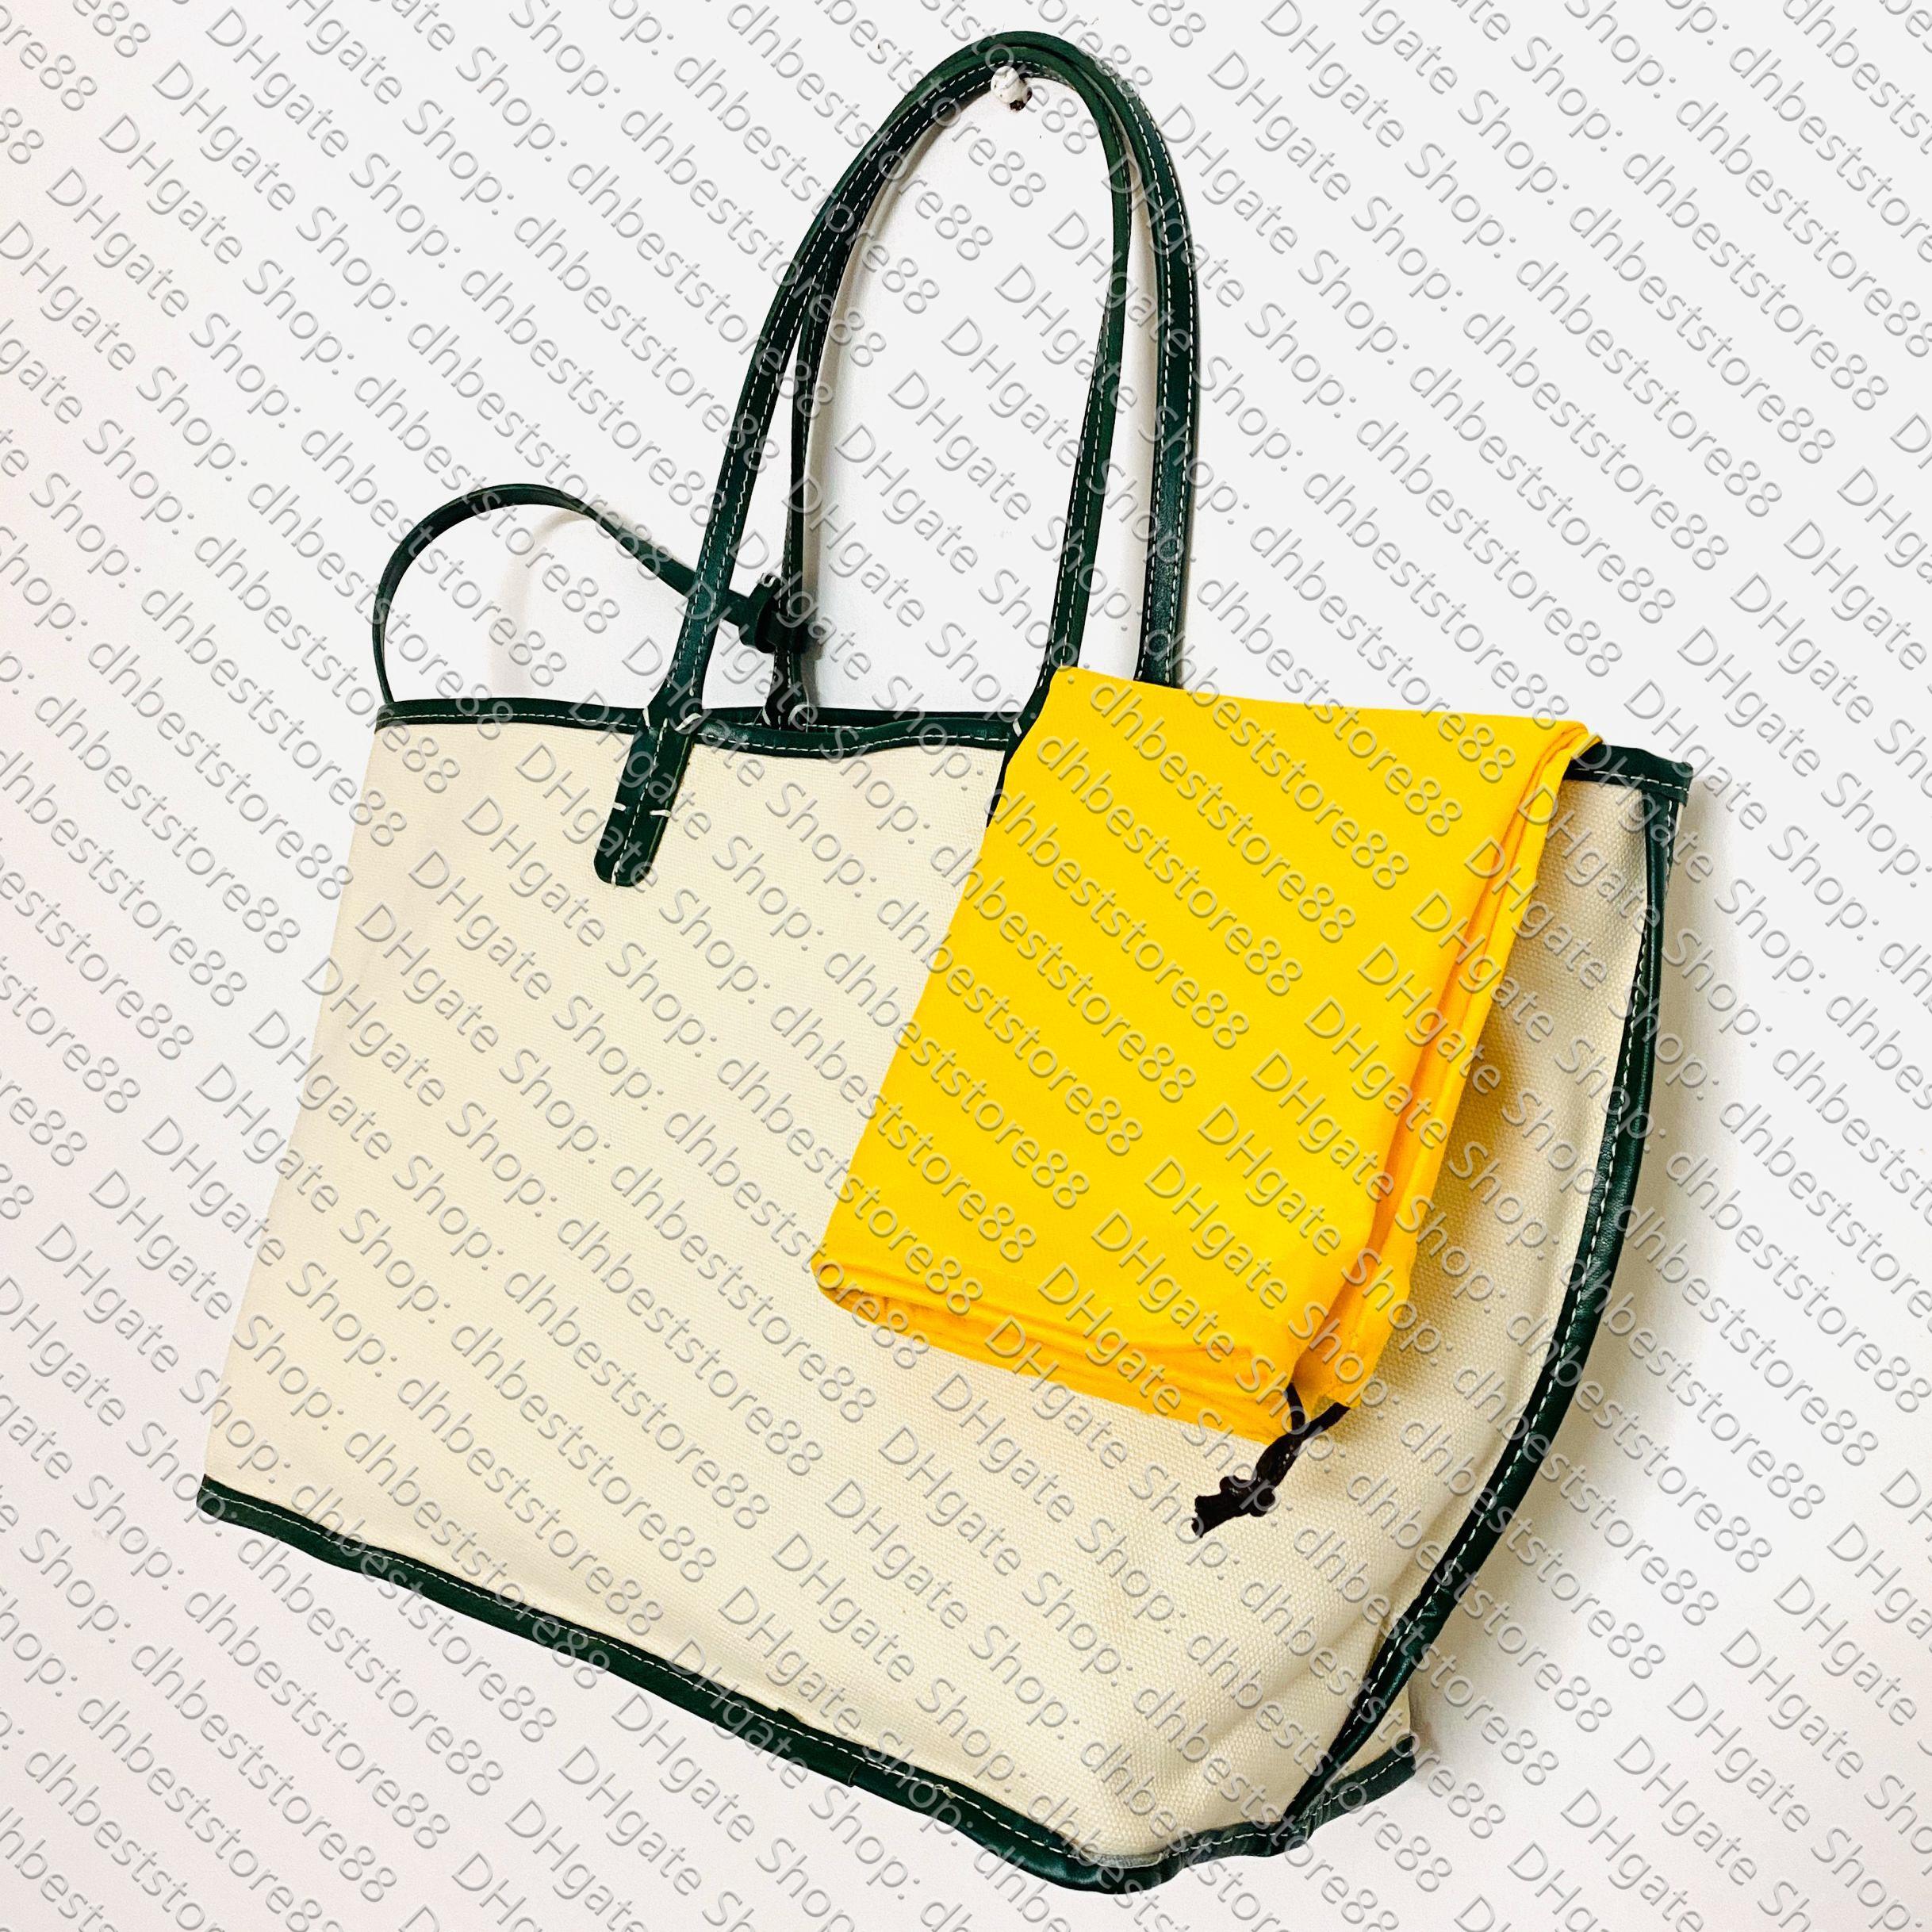 Fashion Womens Canvas Shopping Tote Bag Casual Beach Baby Diaper Shoulder Shopper Bags Travel Handbag Pouch Carryall Purse